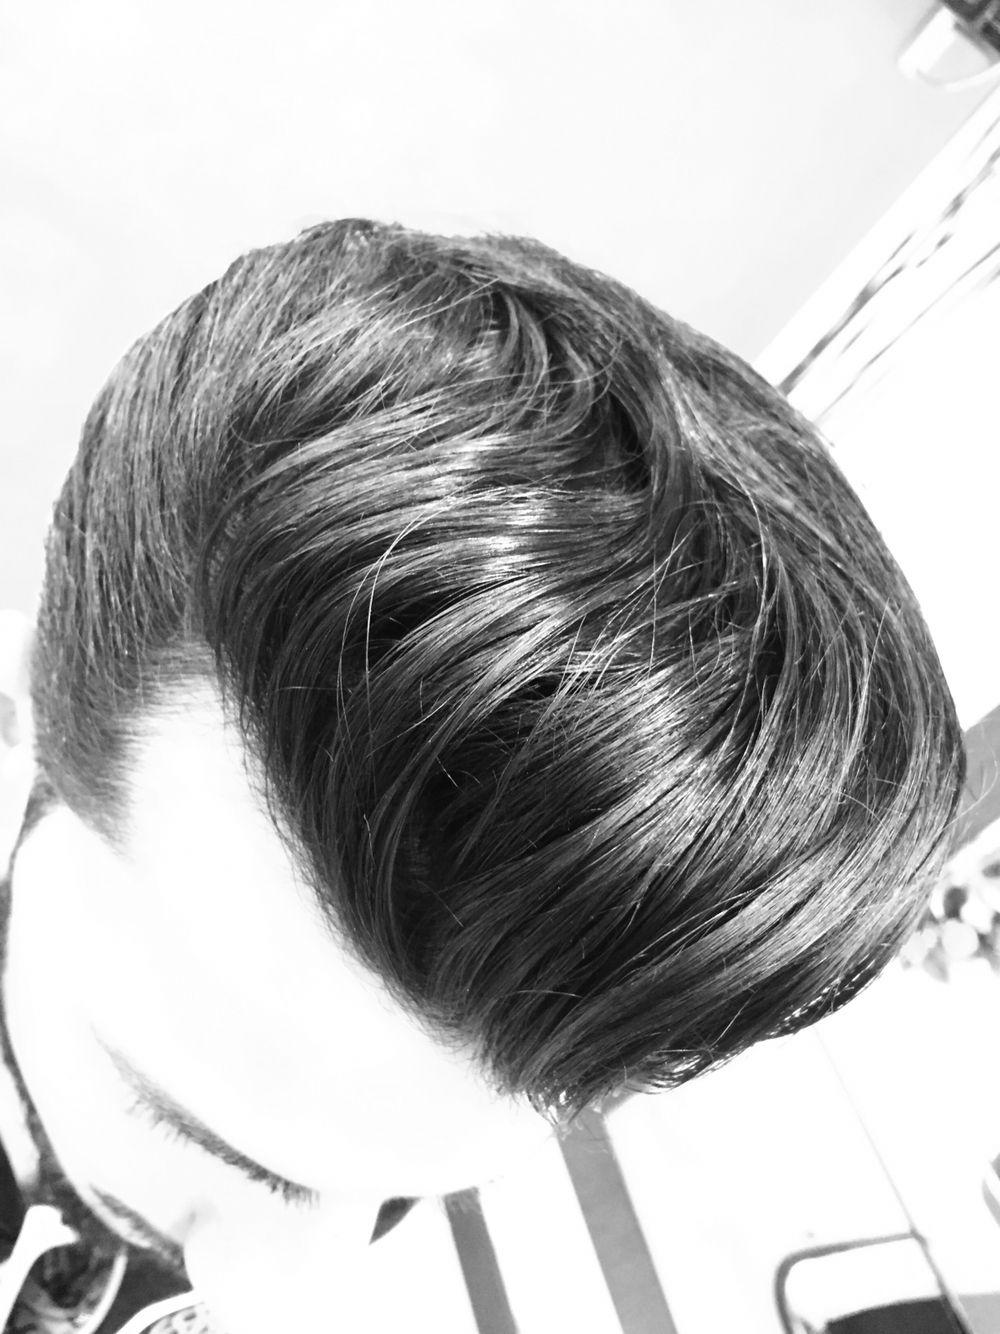 Mens haircut pompadour barbergang haircut precision menshair hair mensfashion barber